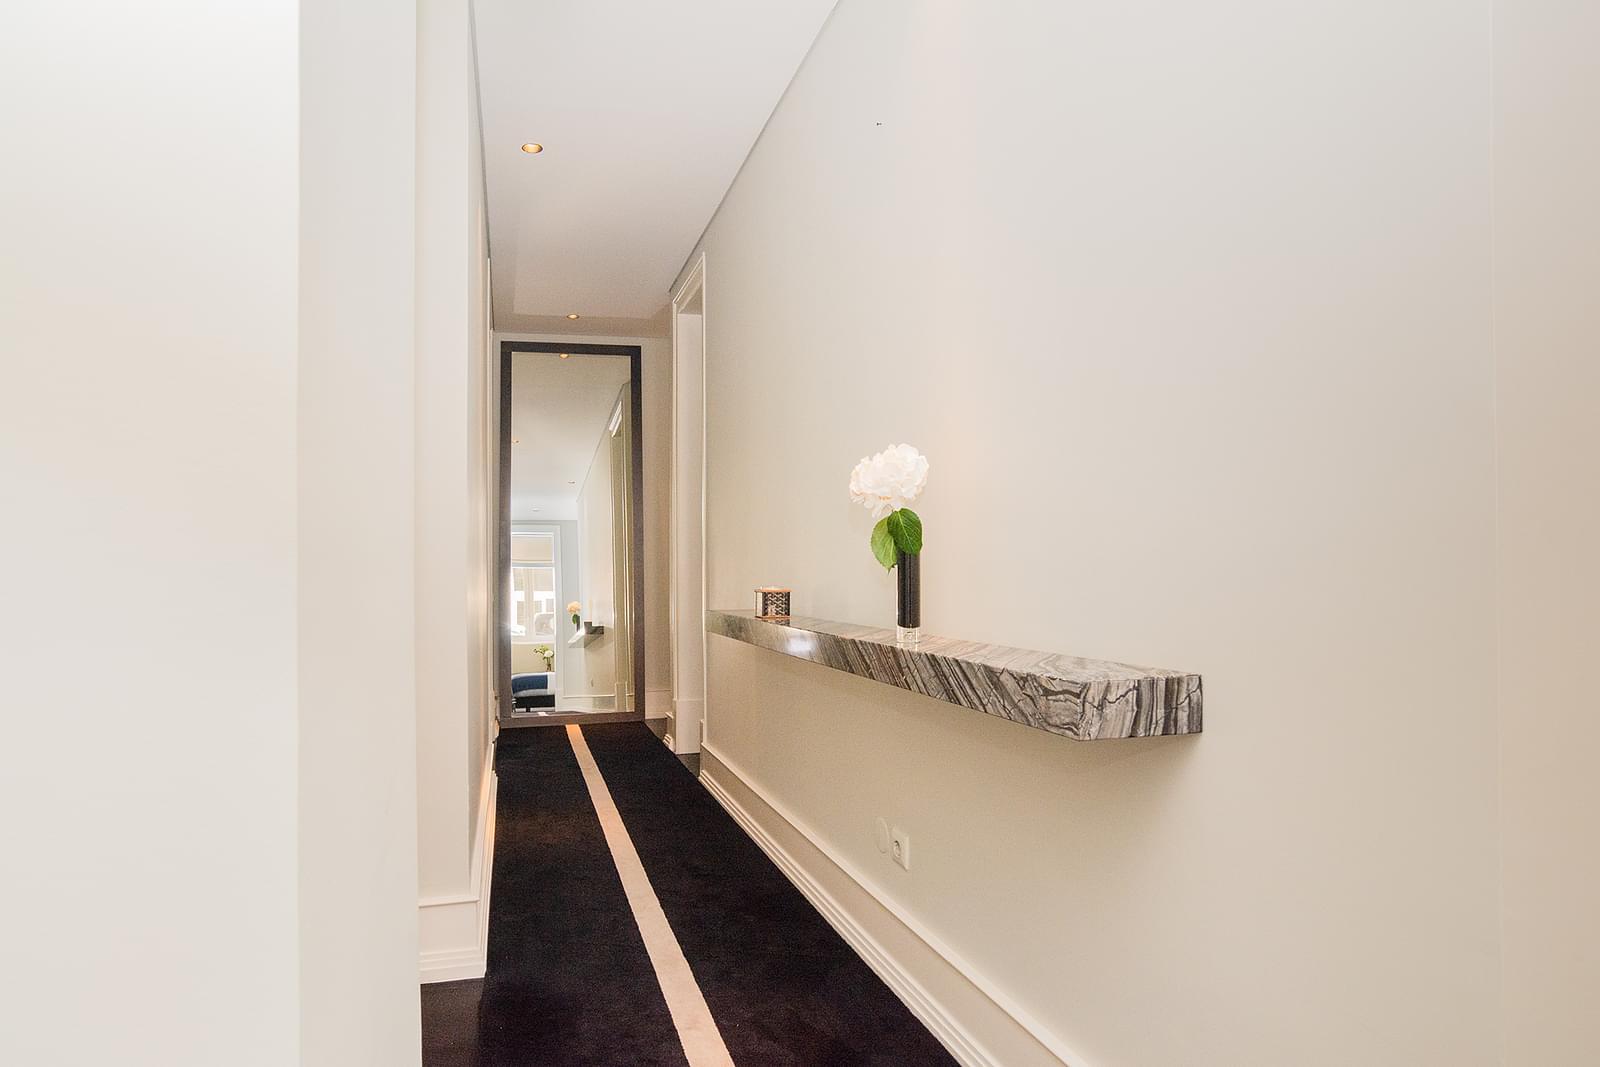 pf15188-apartamento-t2-1-lisboa-f2ce6488-e1cf-4243-b0d7-cd9923506998